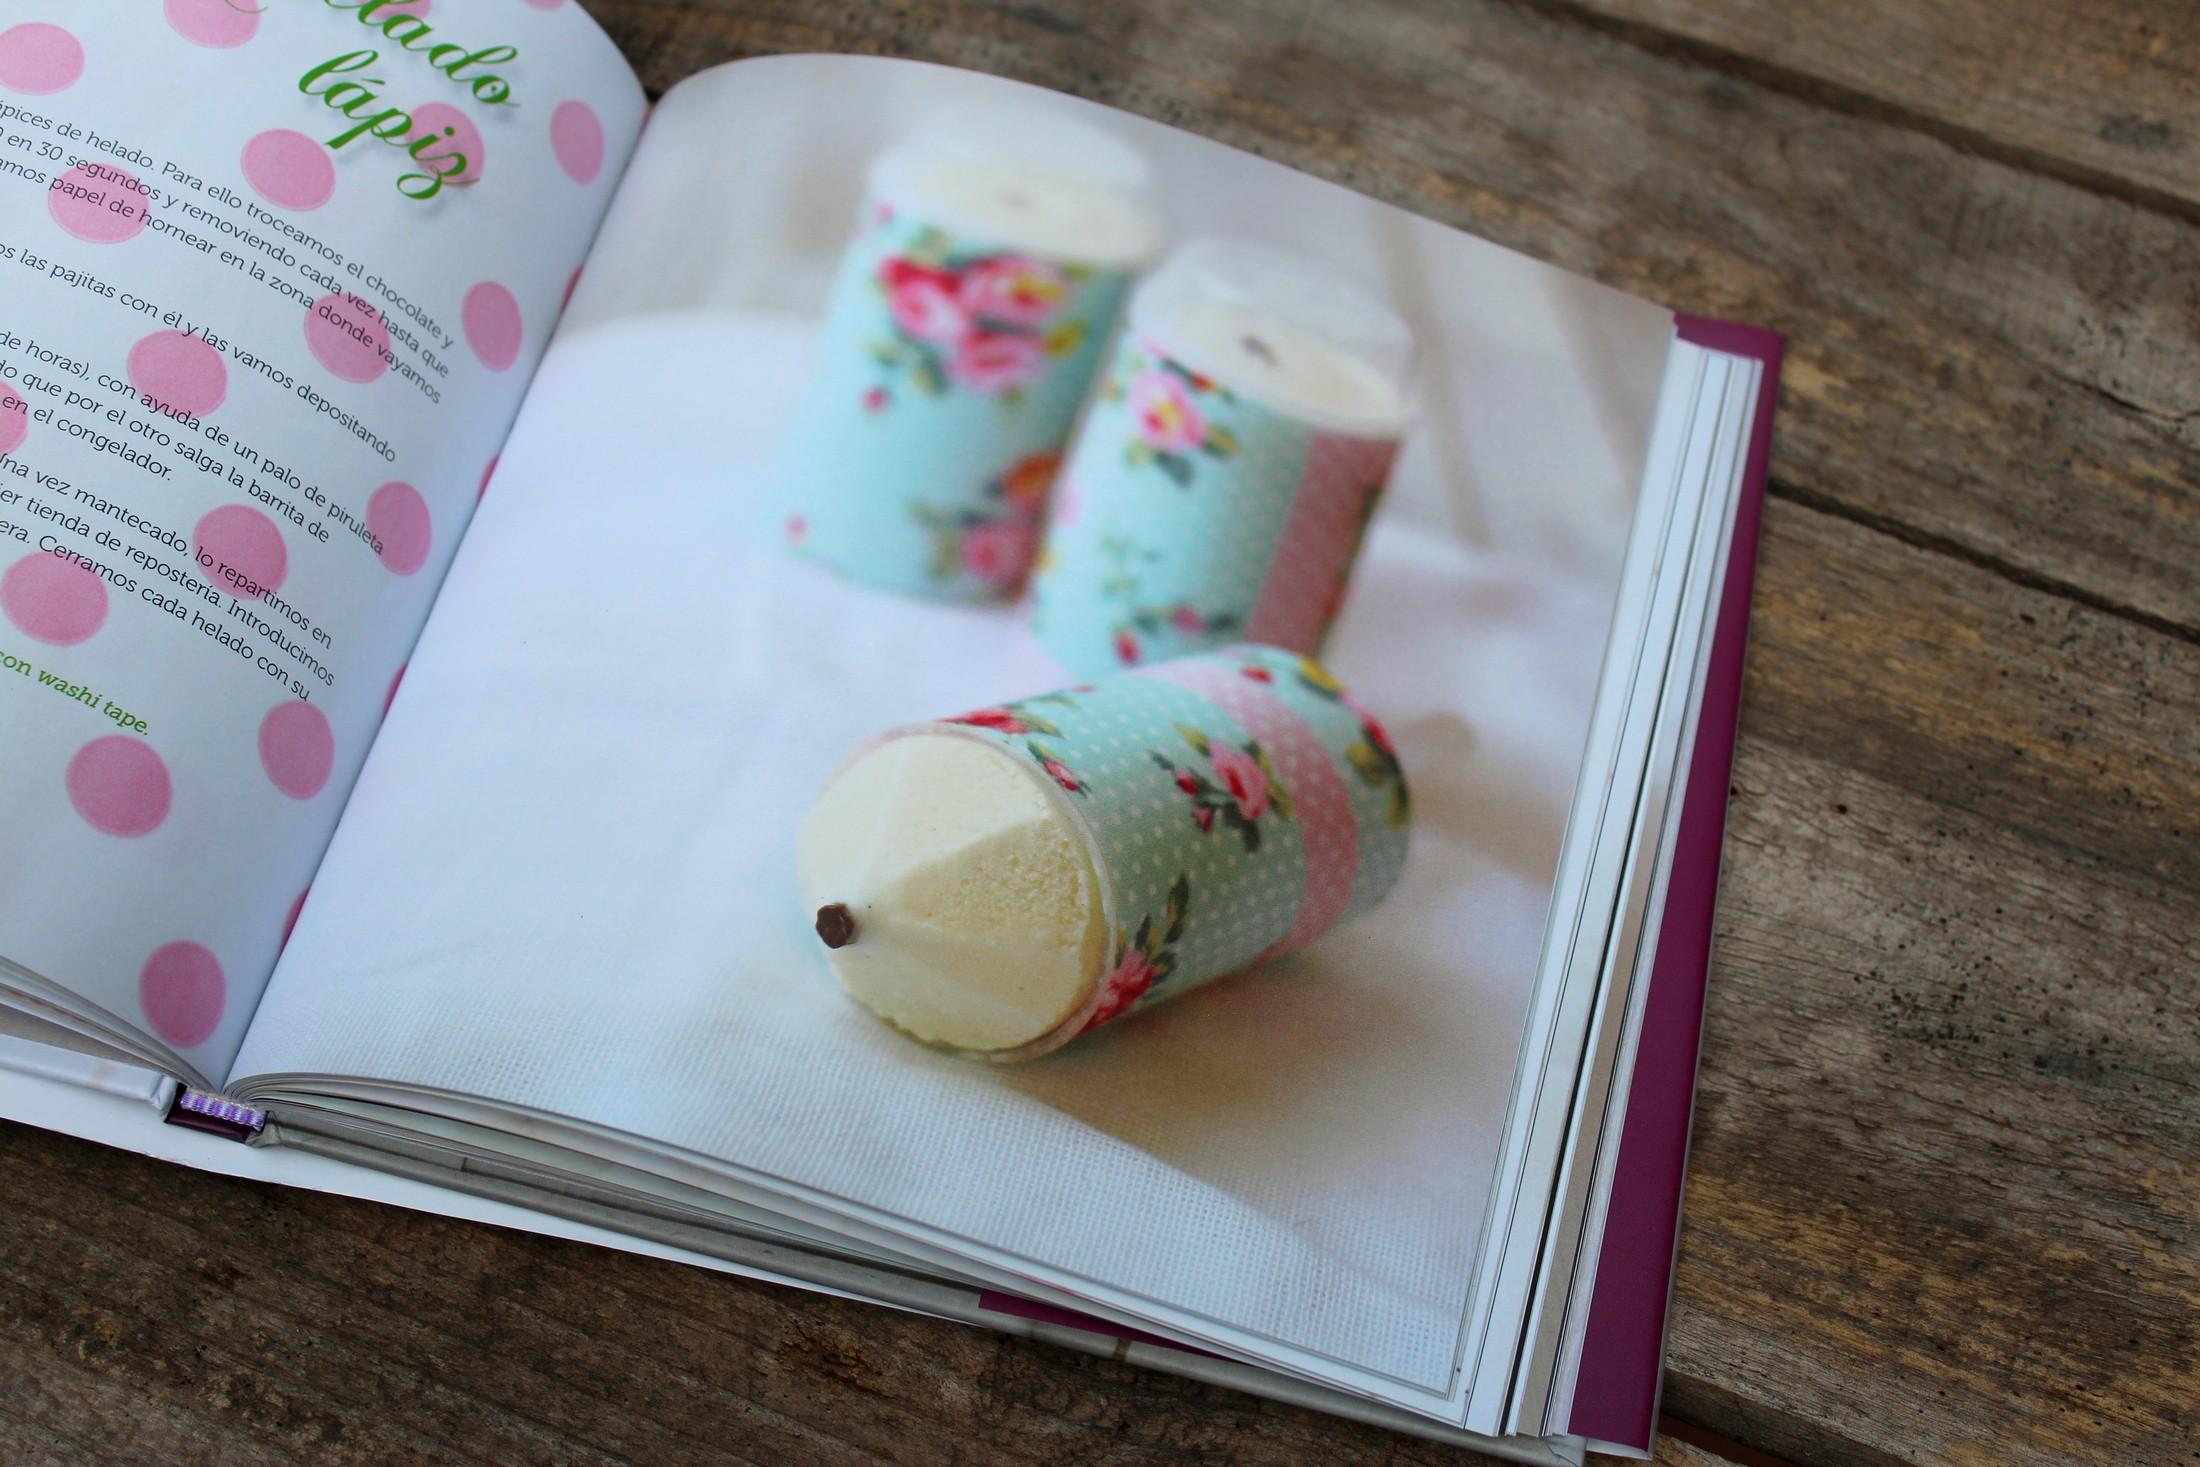 El nuevo libro de recetas de Sandra Mangas, Polos y Helados